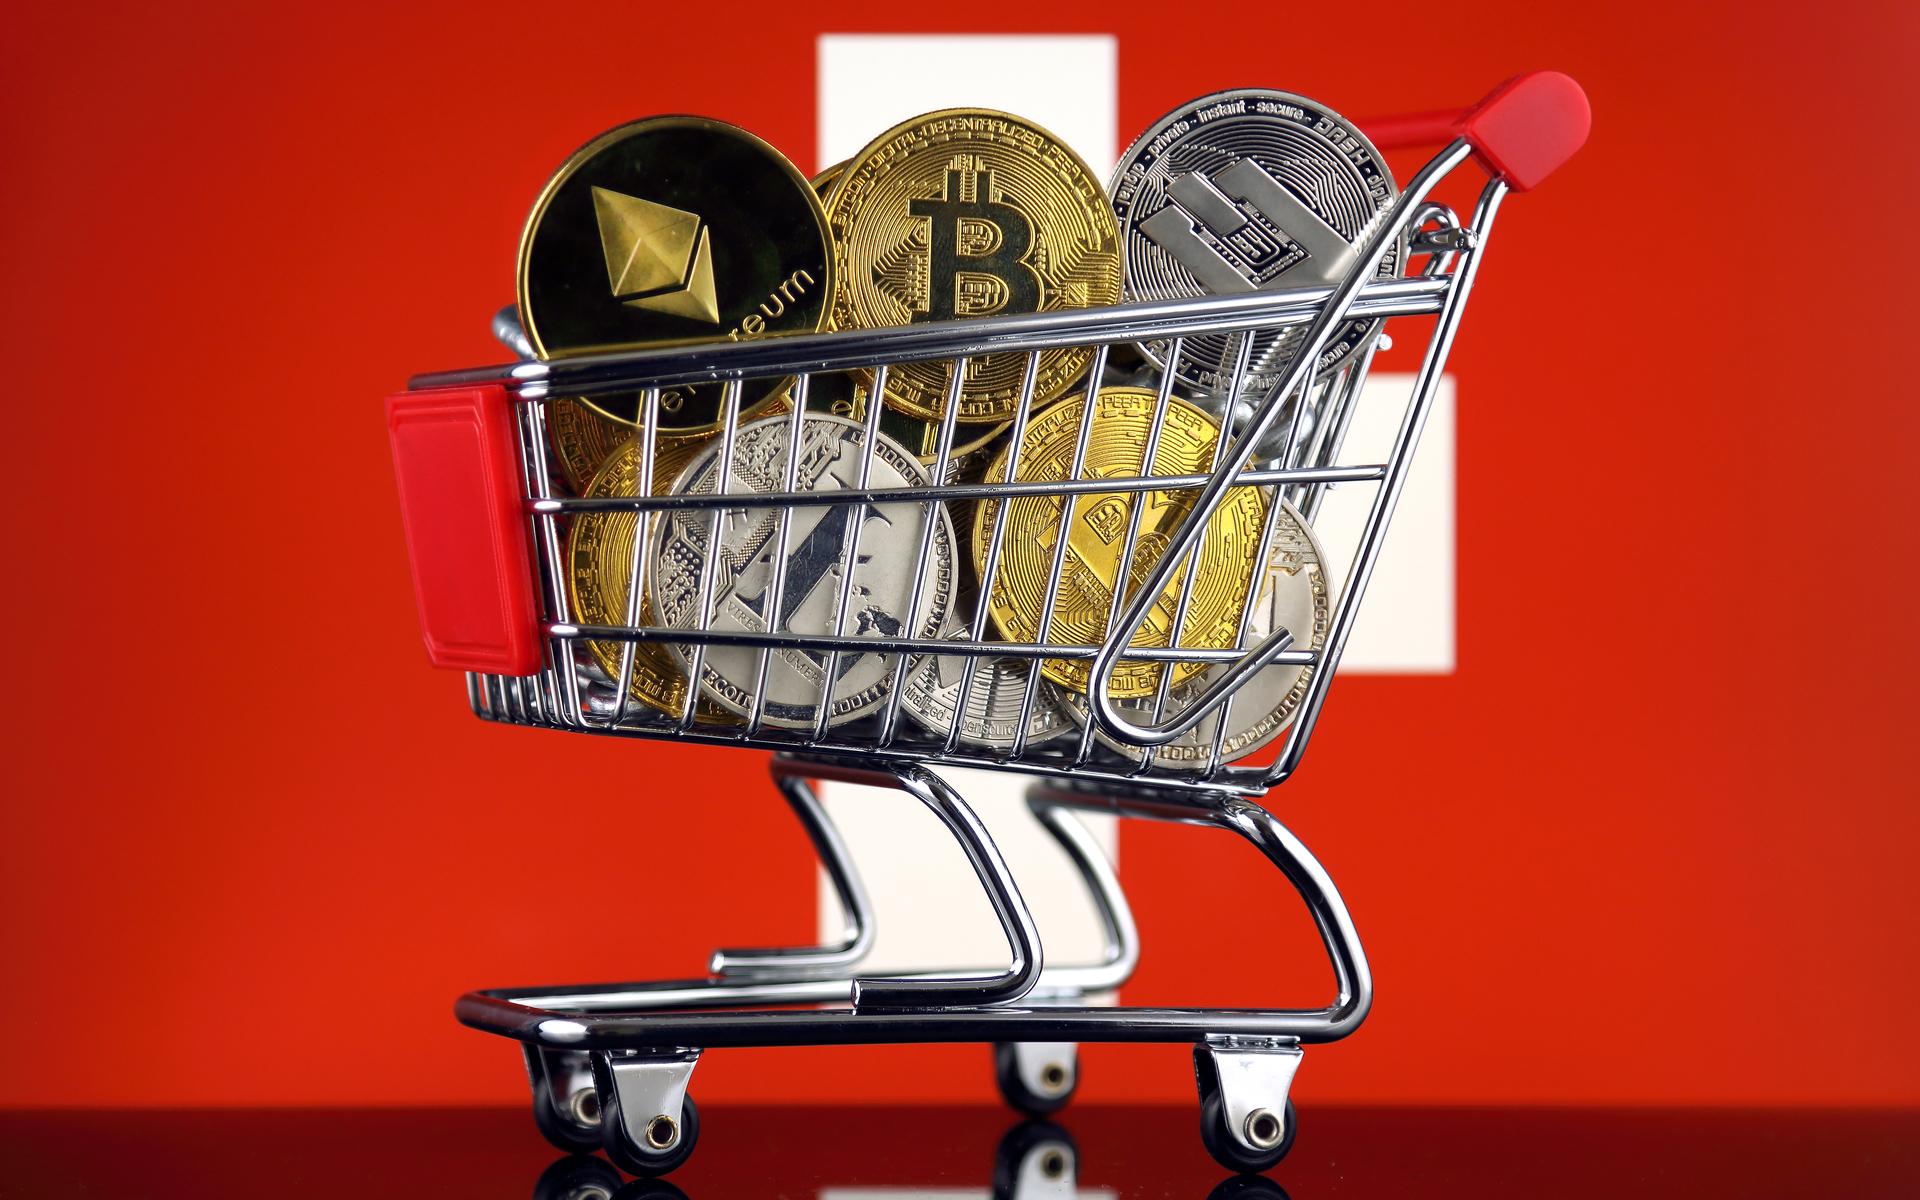 أكبر متجر إلكتروني في سويسرا يعلن عن قبول العملات الرقمية